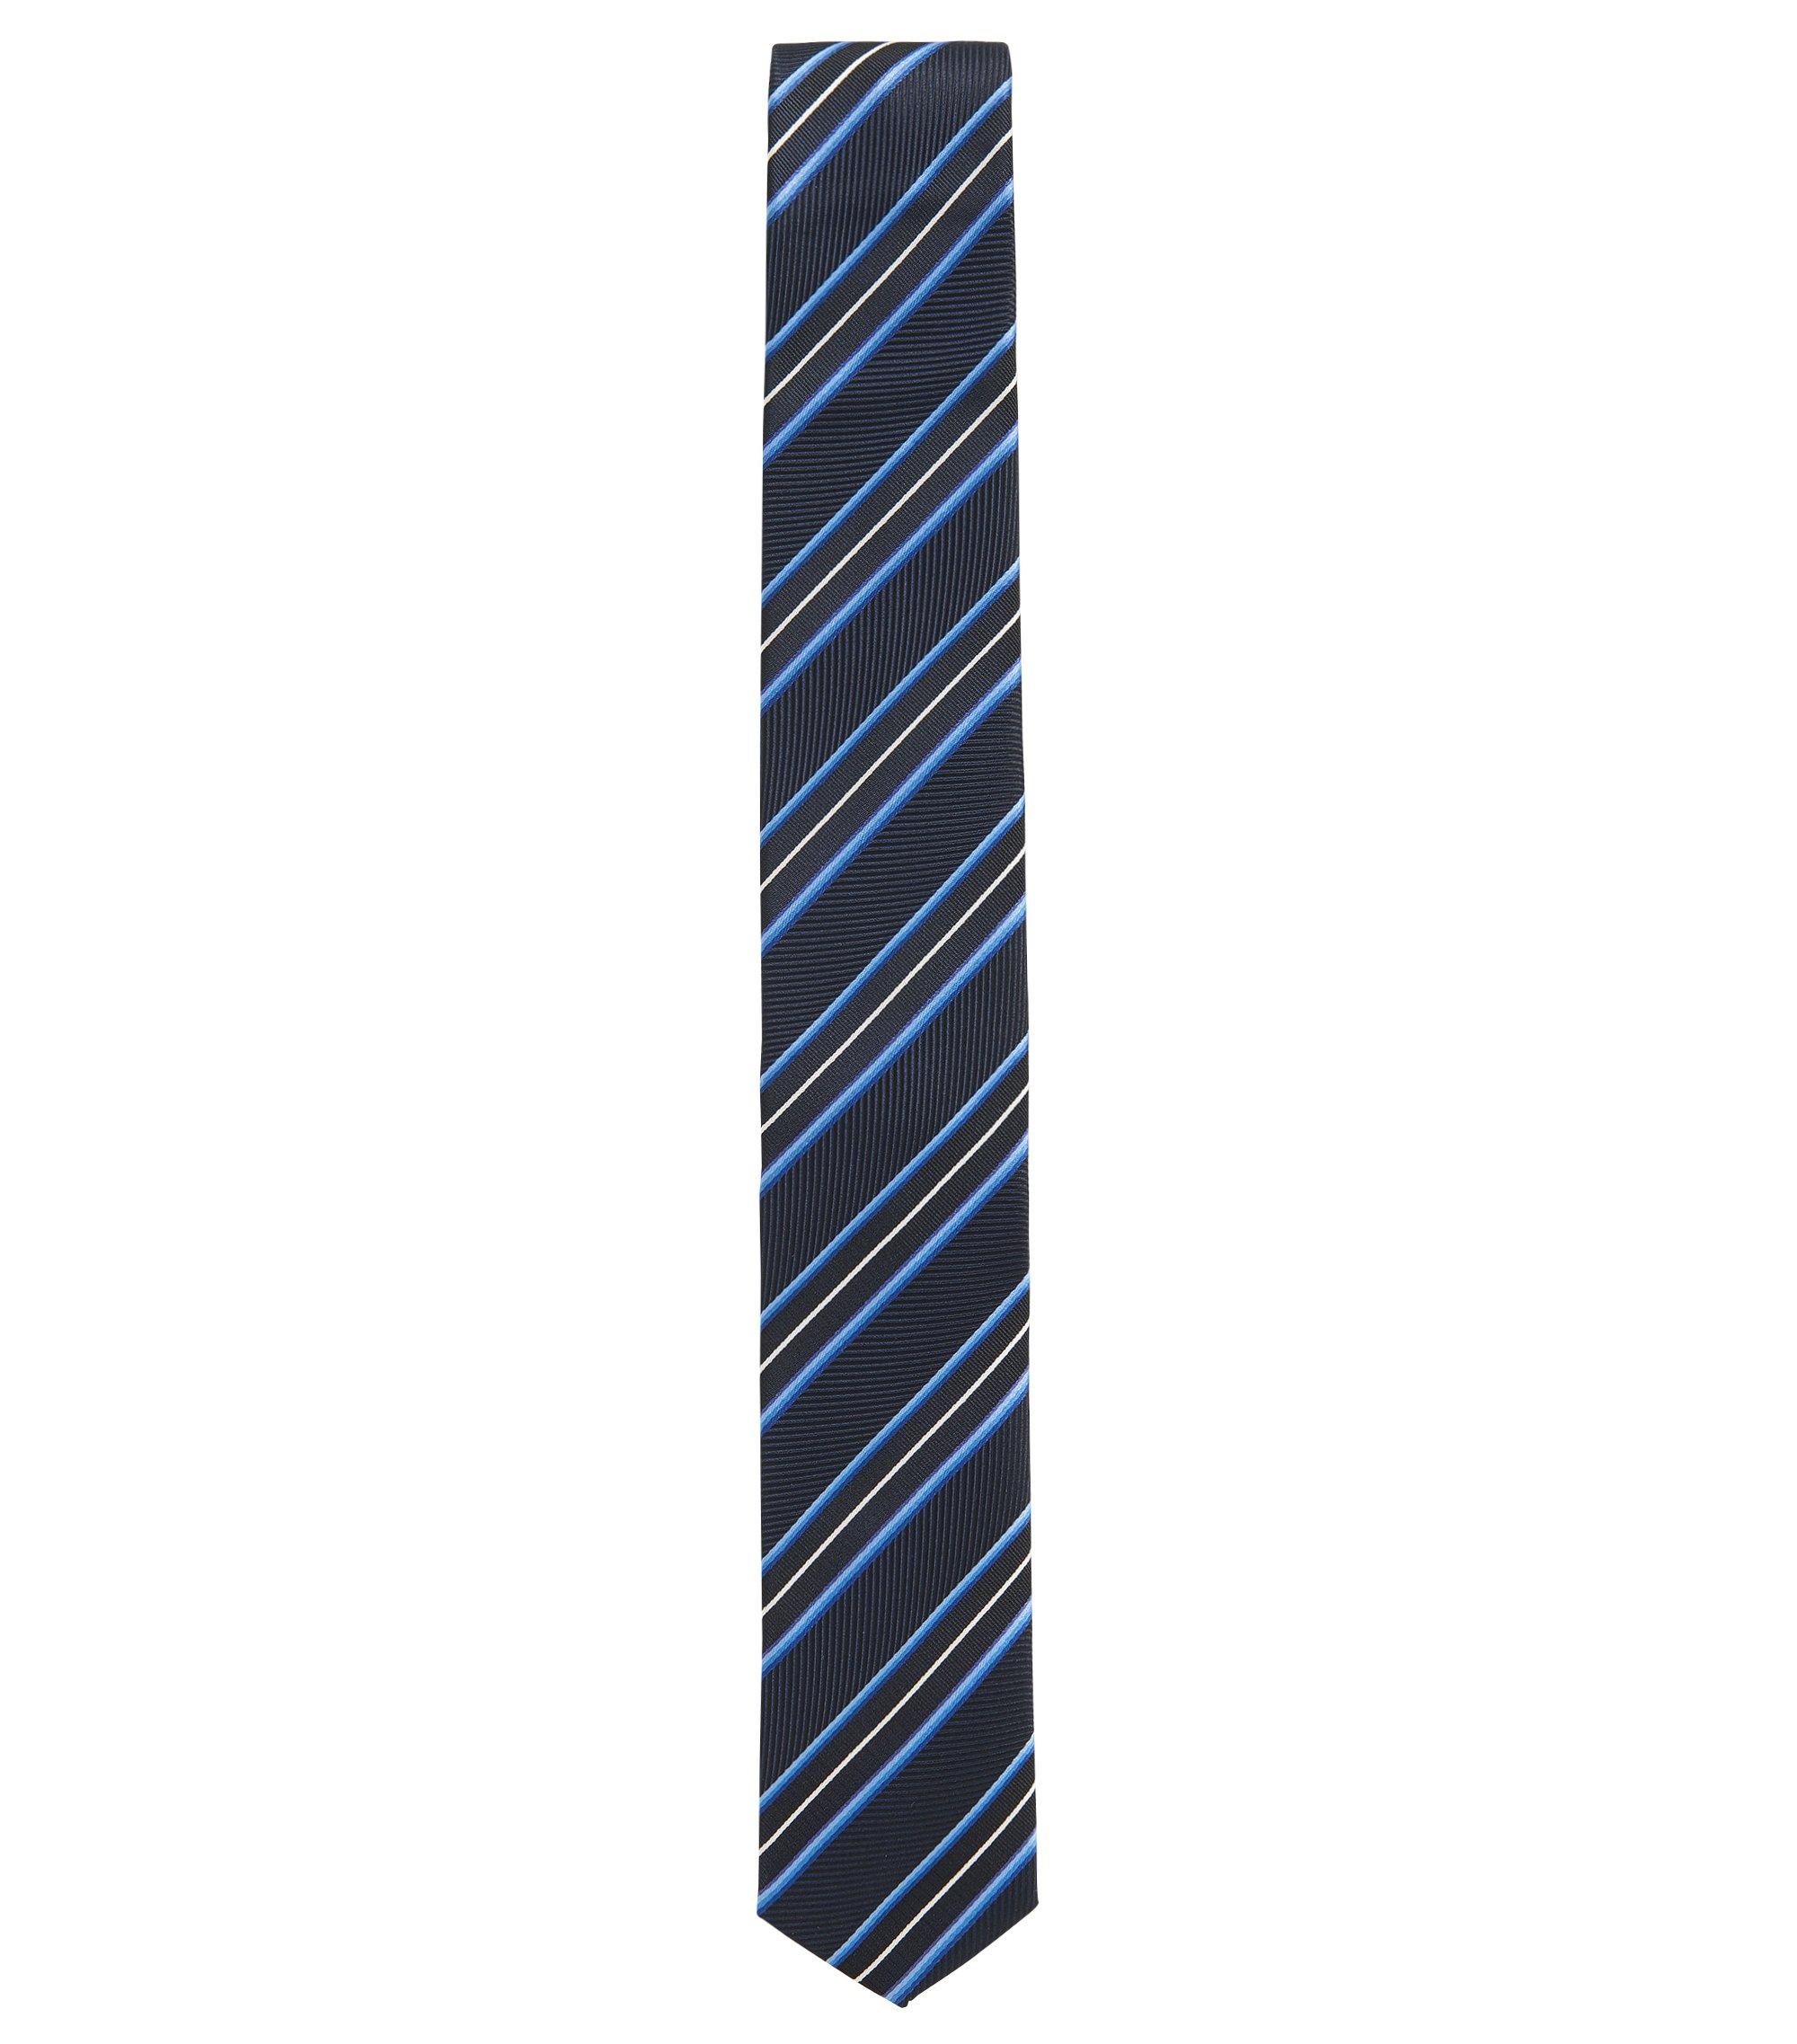 Cravate en soie à rayures texturées en forme de lame de scie, Bleu foncé